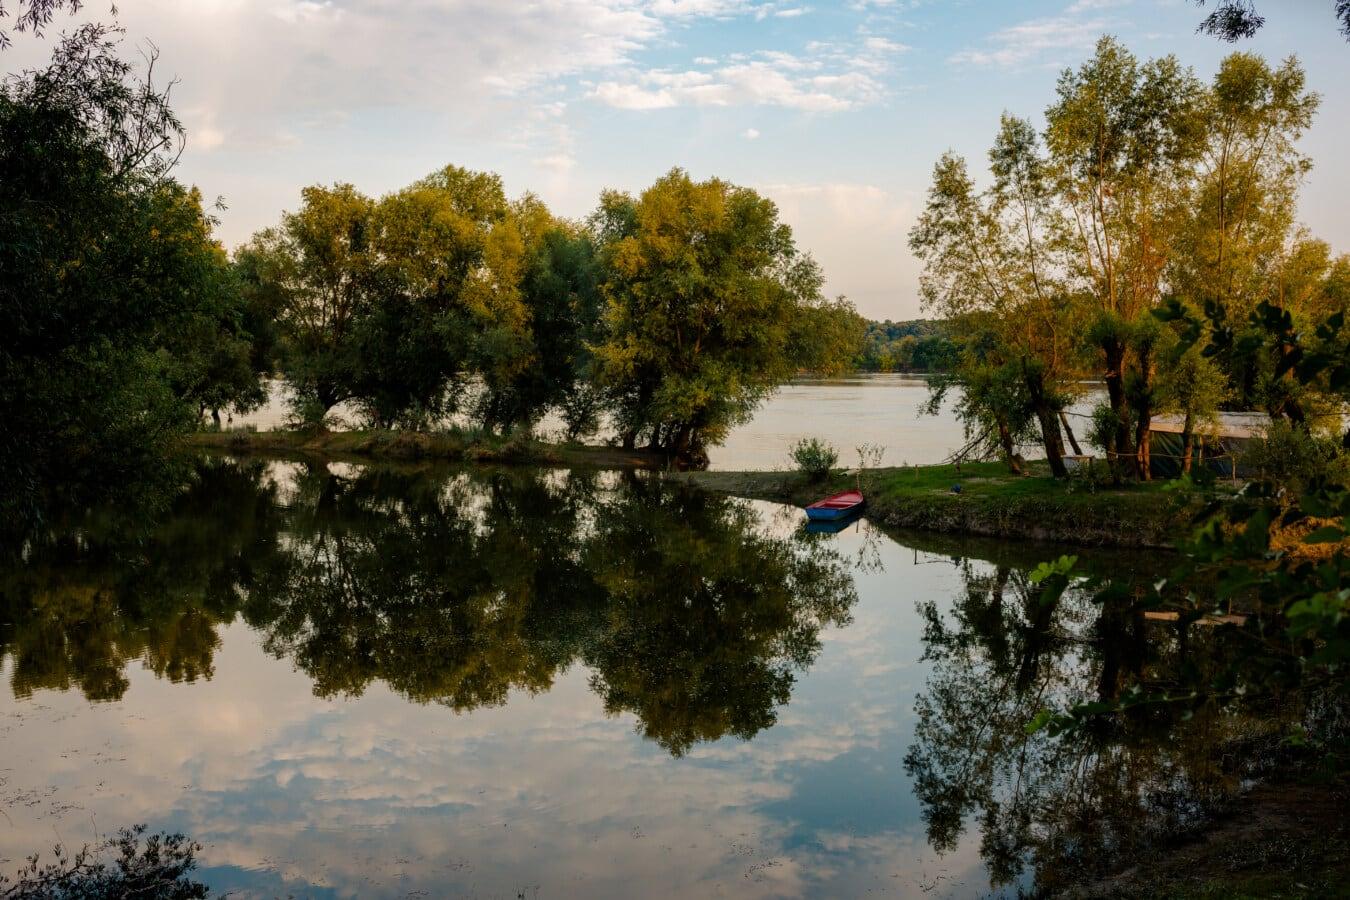 majestueux, au bord du lac, calme, Camping, rive, arbre, paysage, eau, Lac, nature